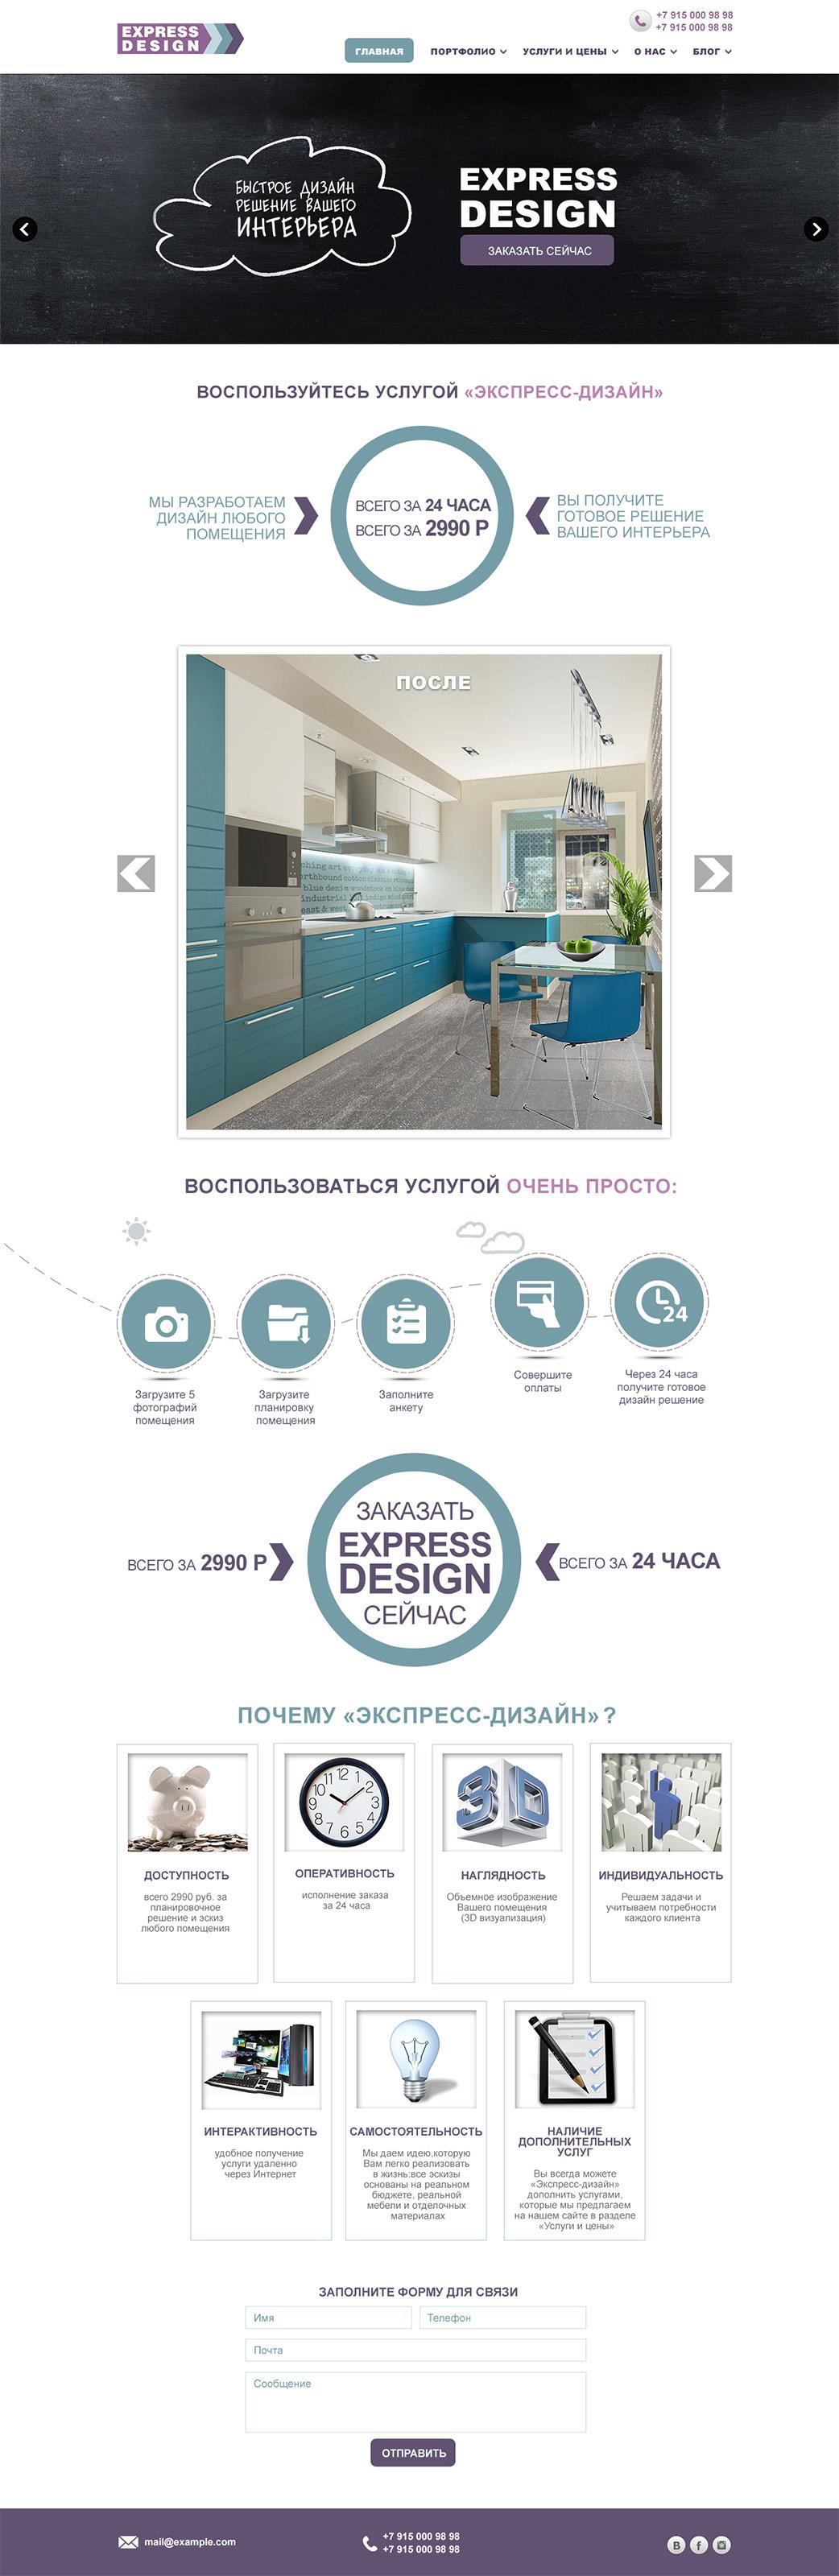 Express Design